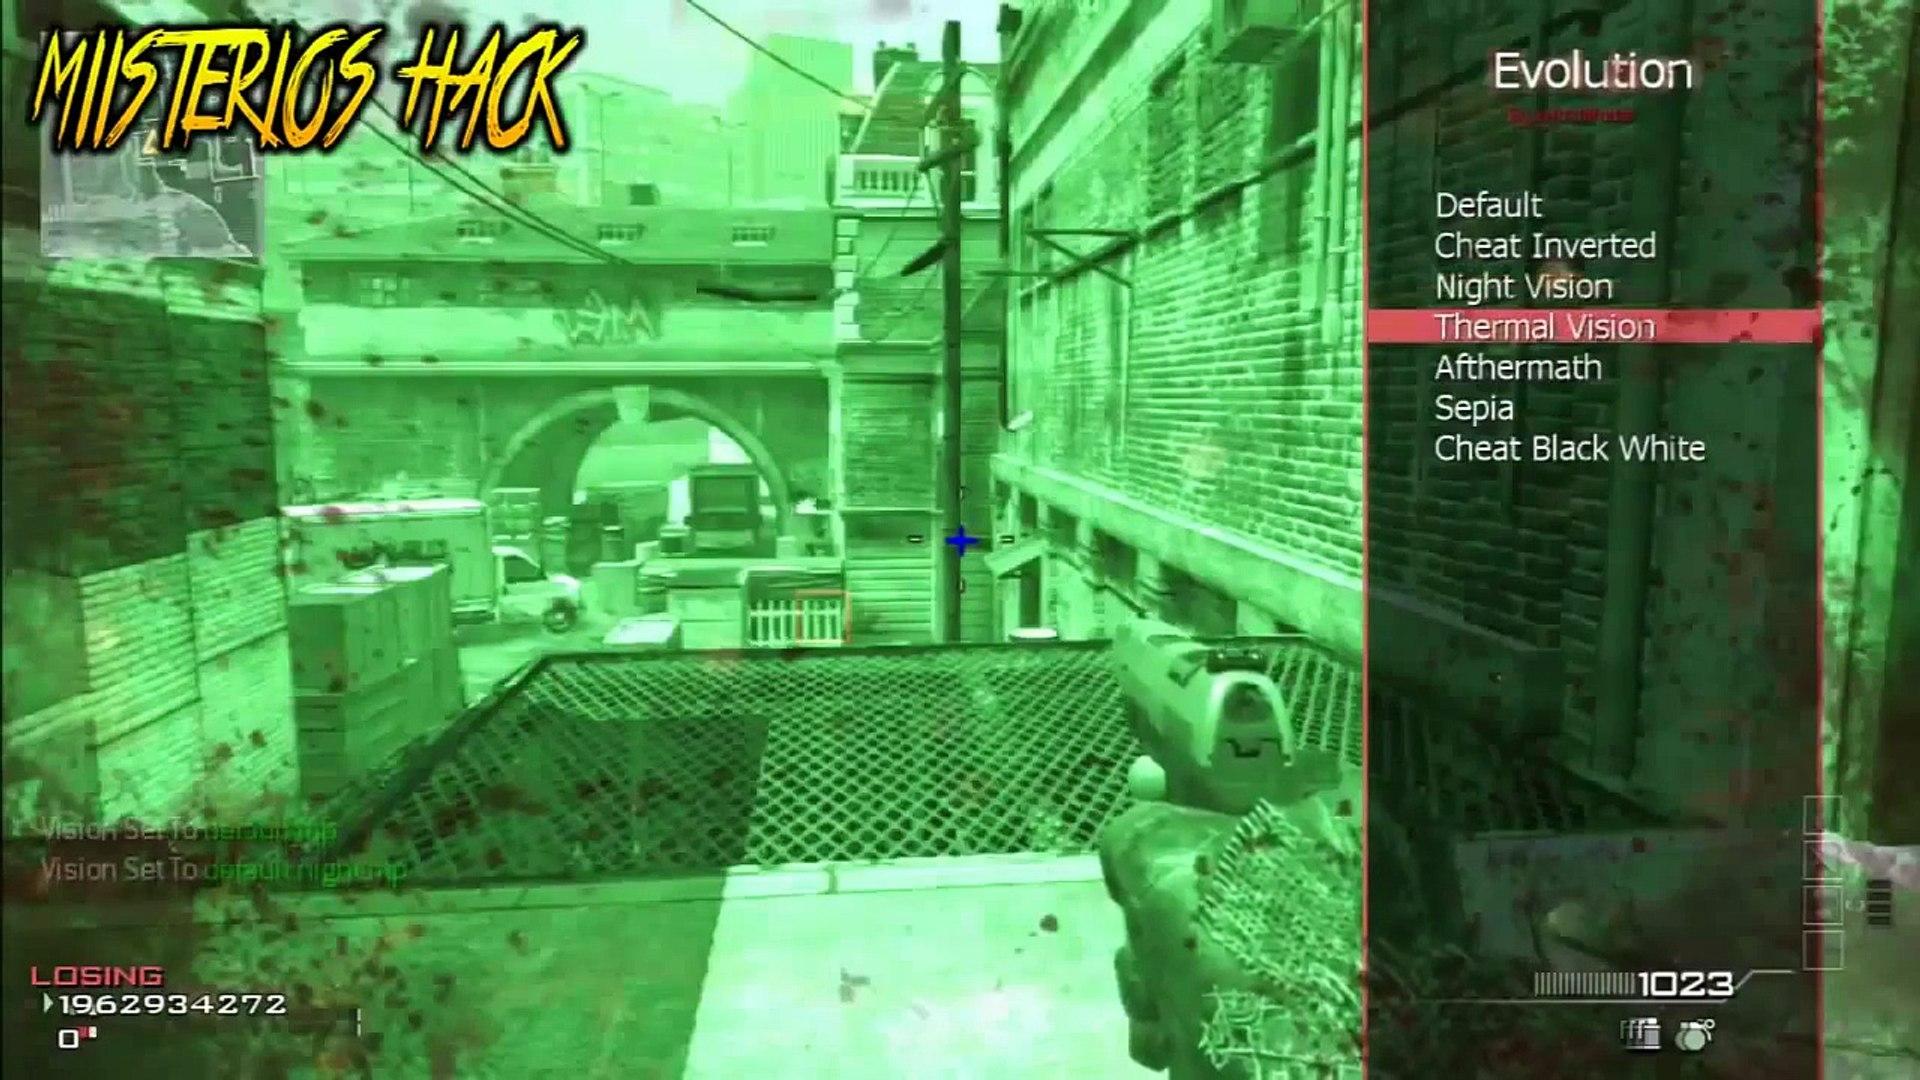 [PS3/XBOX/MW3] Modern Warfare 3 USB Mod Menu Evolution Free | PS3+XBOX |  1 24